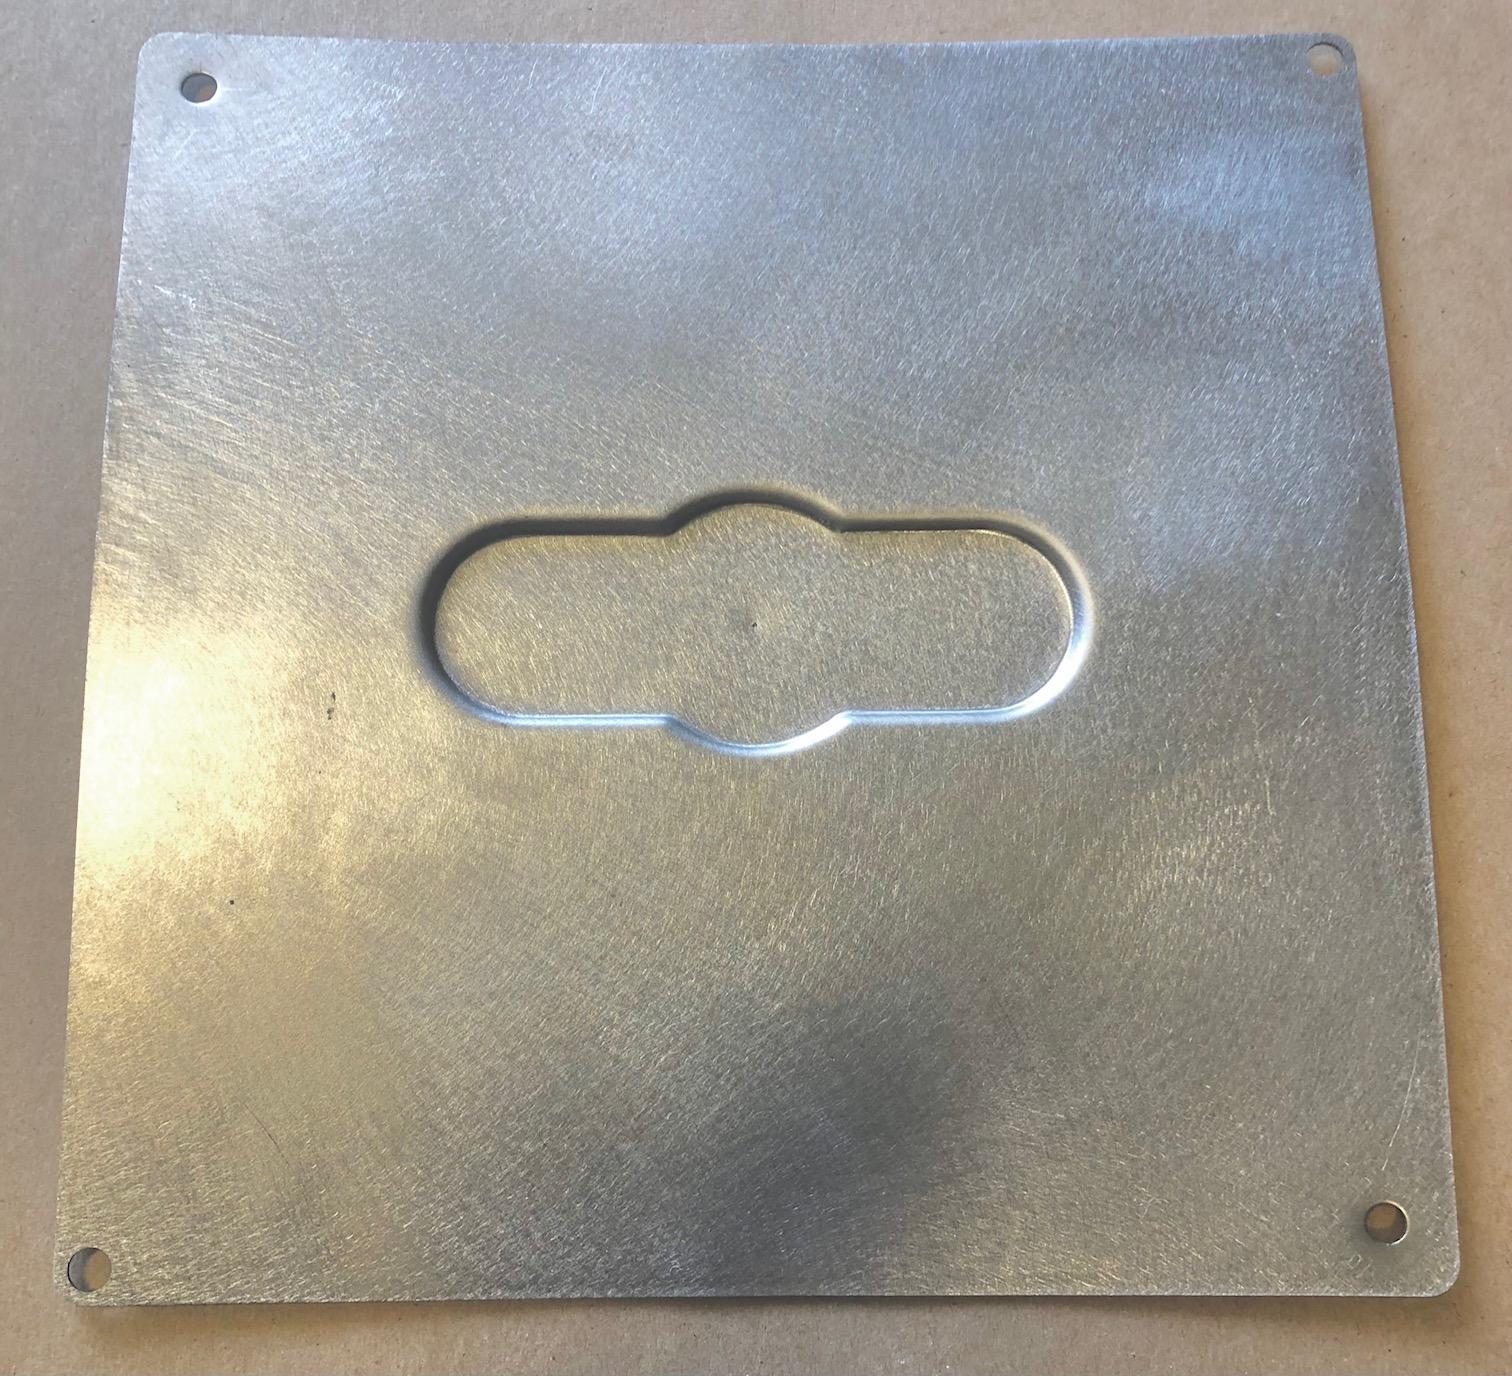 A/C Control - Recessed Panel - RestoMod Air Triq Controller